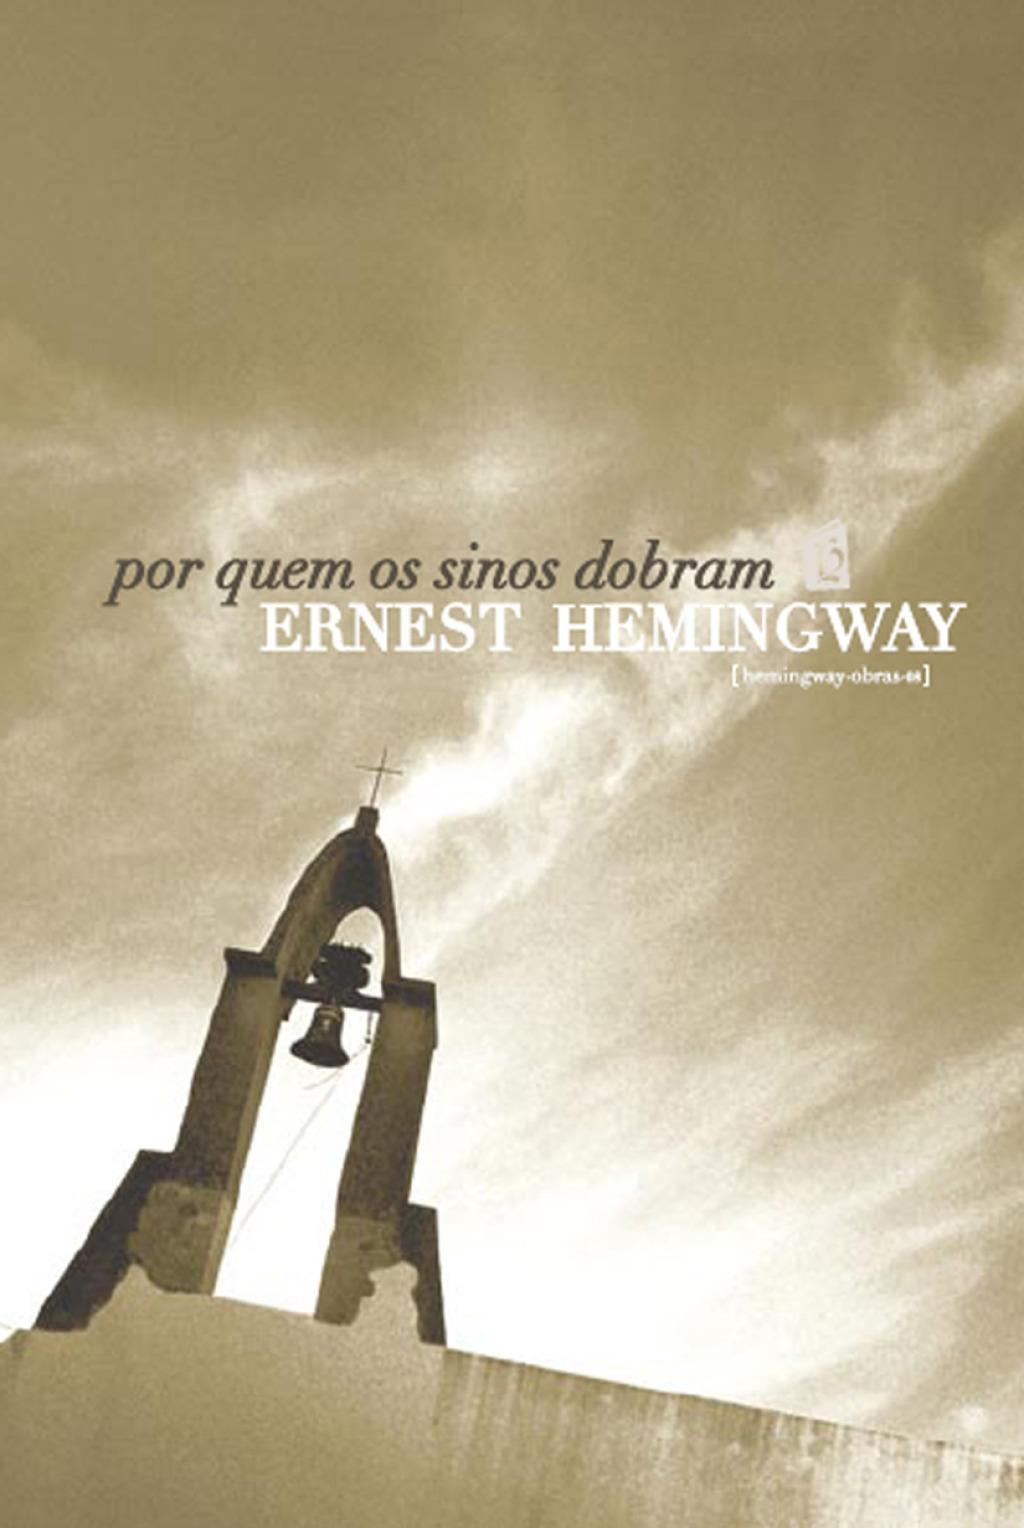 Por Quem os Sinos Dobram [For Whom the Bell Tolls] (eBook) - Ernest Hemingway